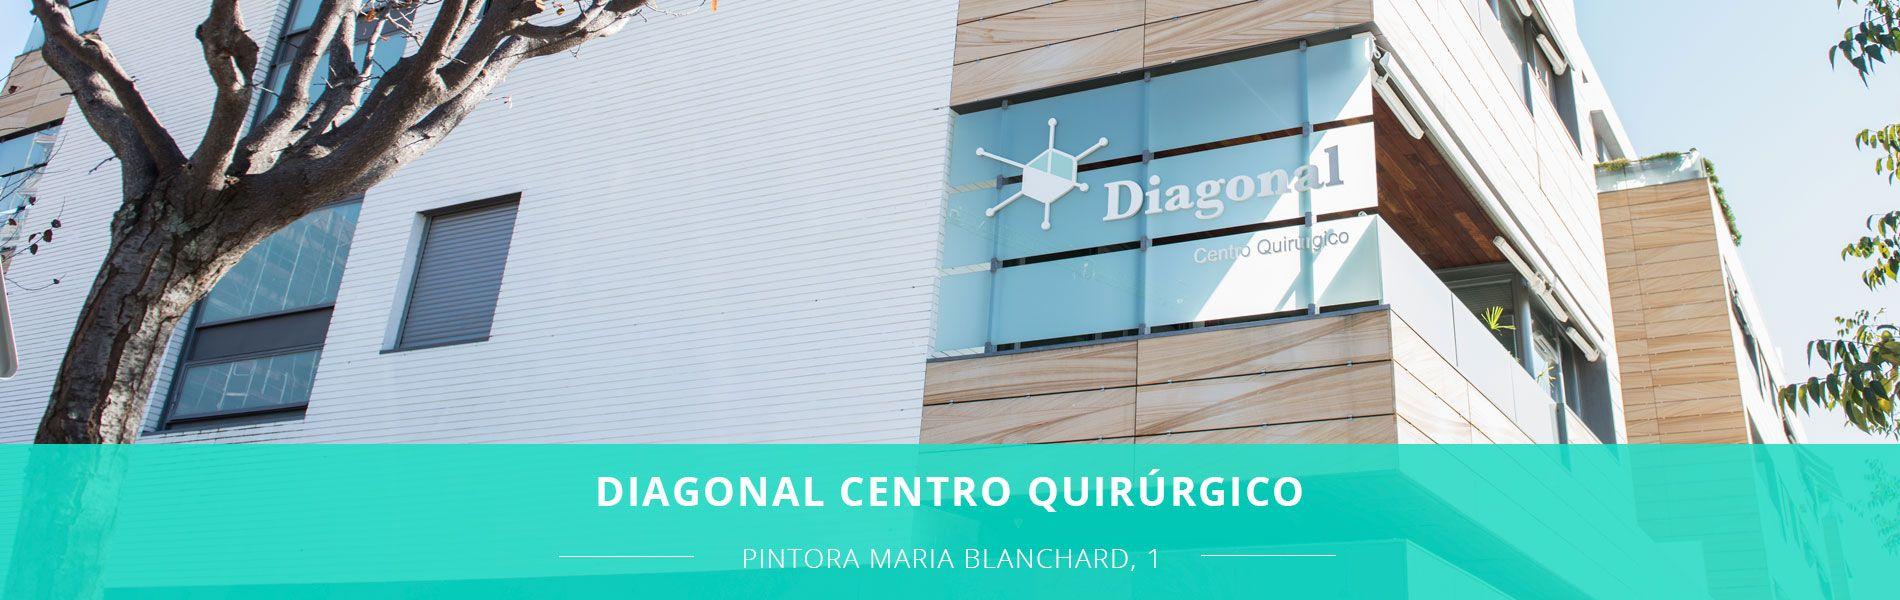 Instalaciones. Diaogonal Centro Quirúrgico